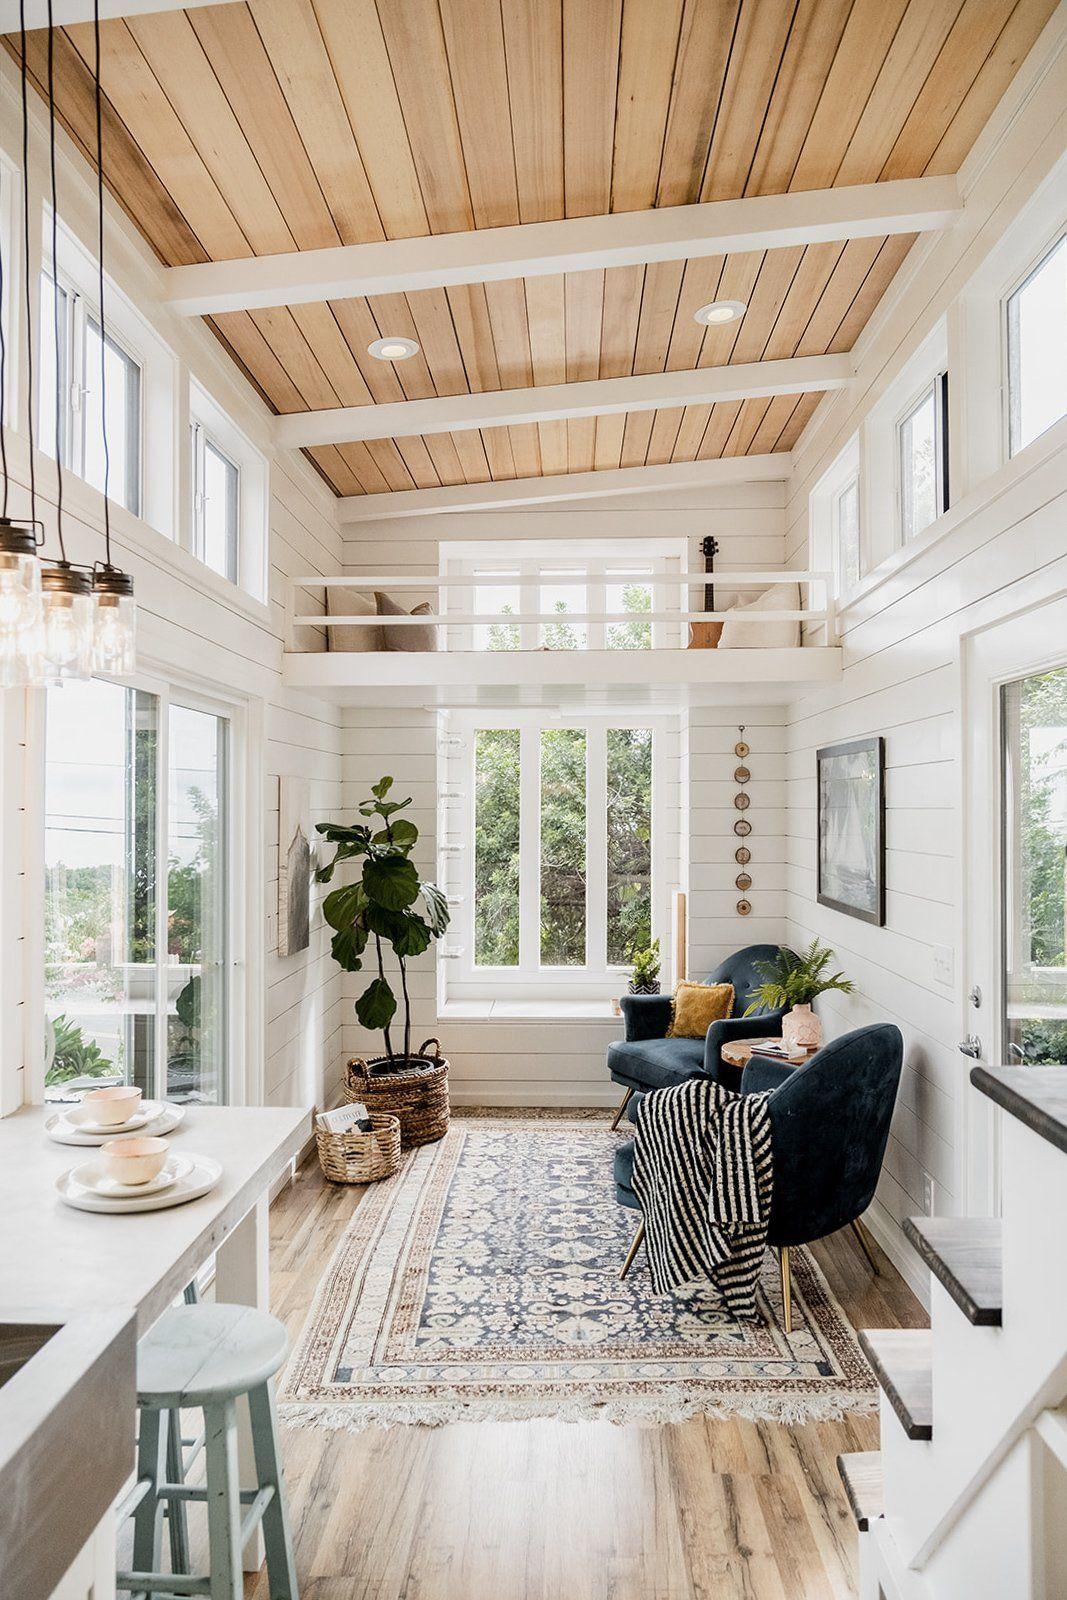 Photo of Cette jolie tiny house de 23m2 a été construite en 25 jours (et vous pouvez vous offrir son plan) – PLANETE DECO a homes world